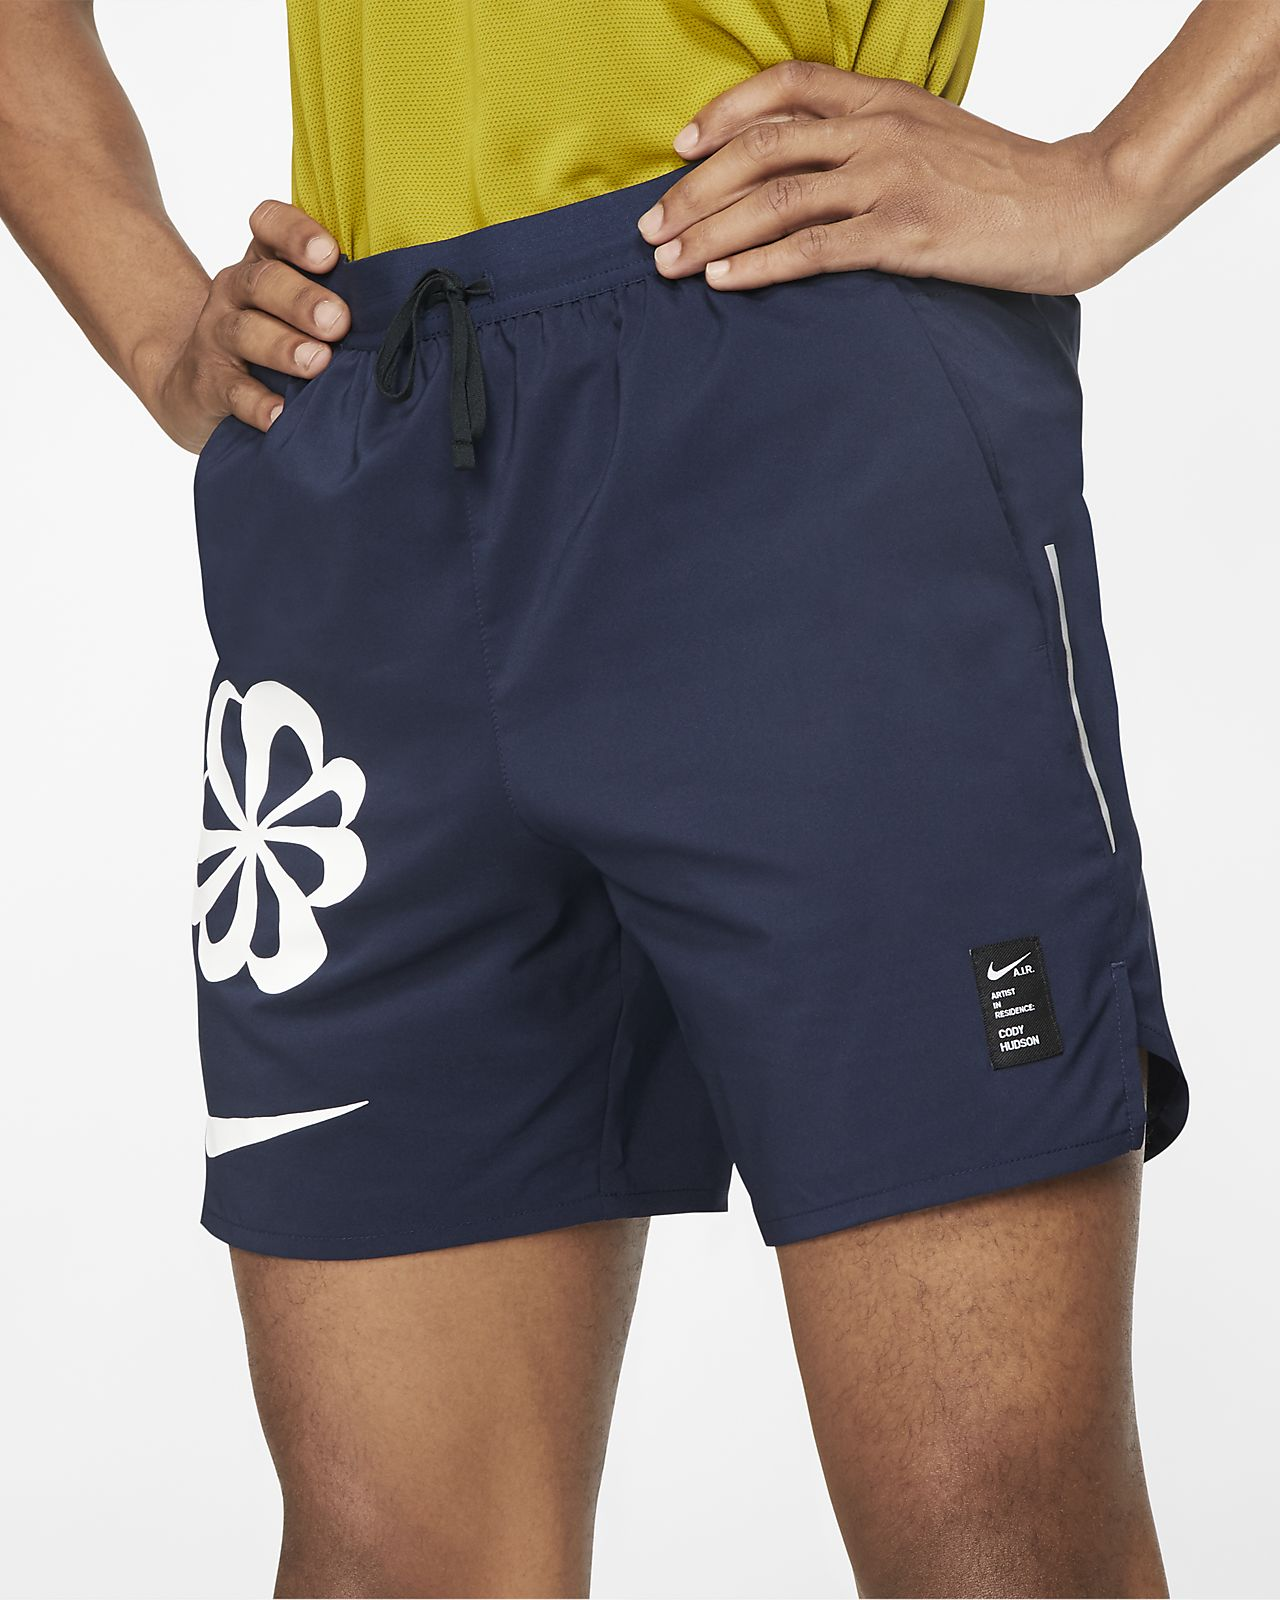 Nike Dri-FIT Flex Stride A.I.R. Løbeshorts med grafik til mænd